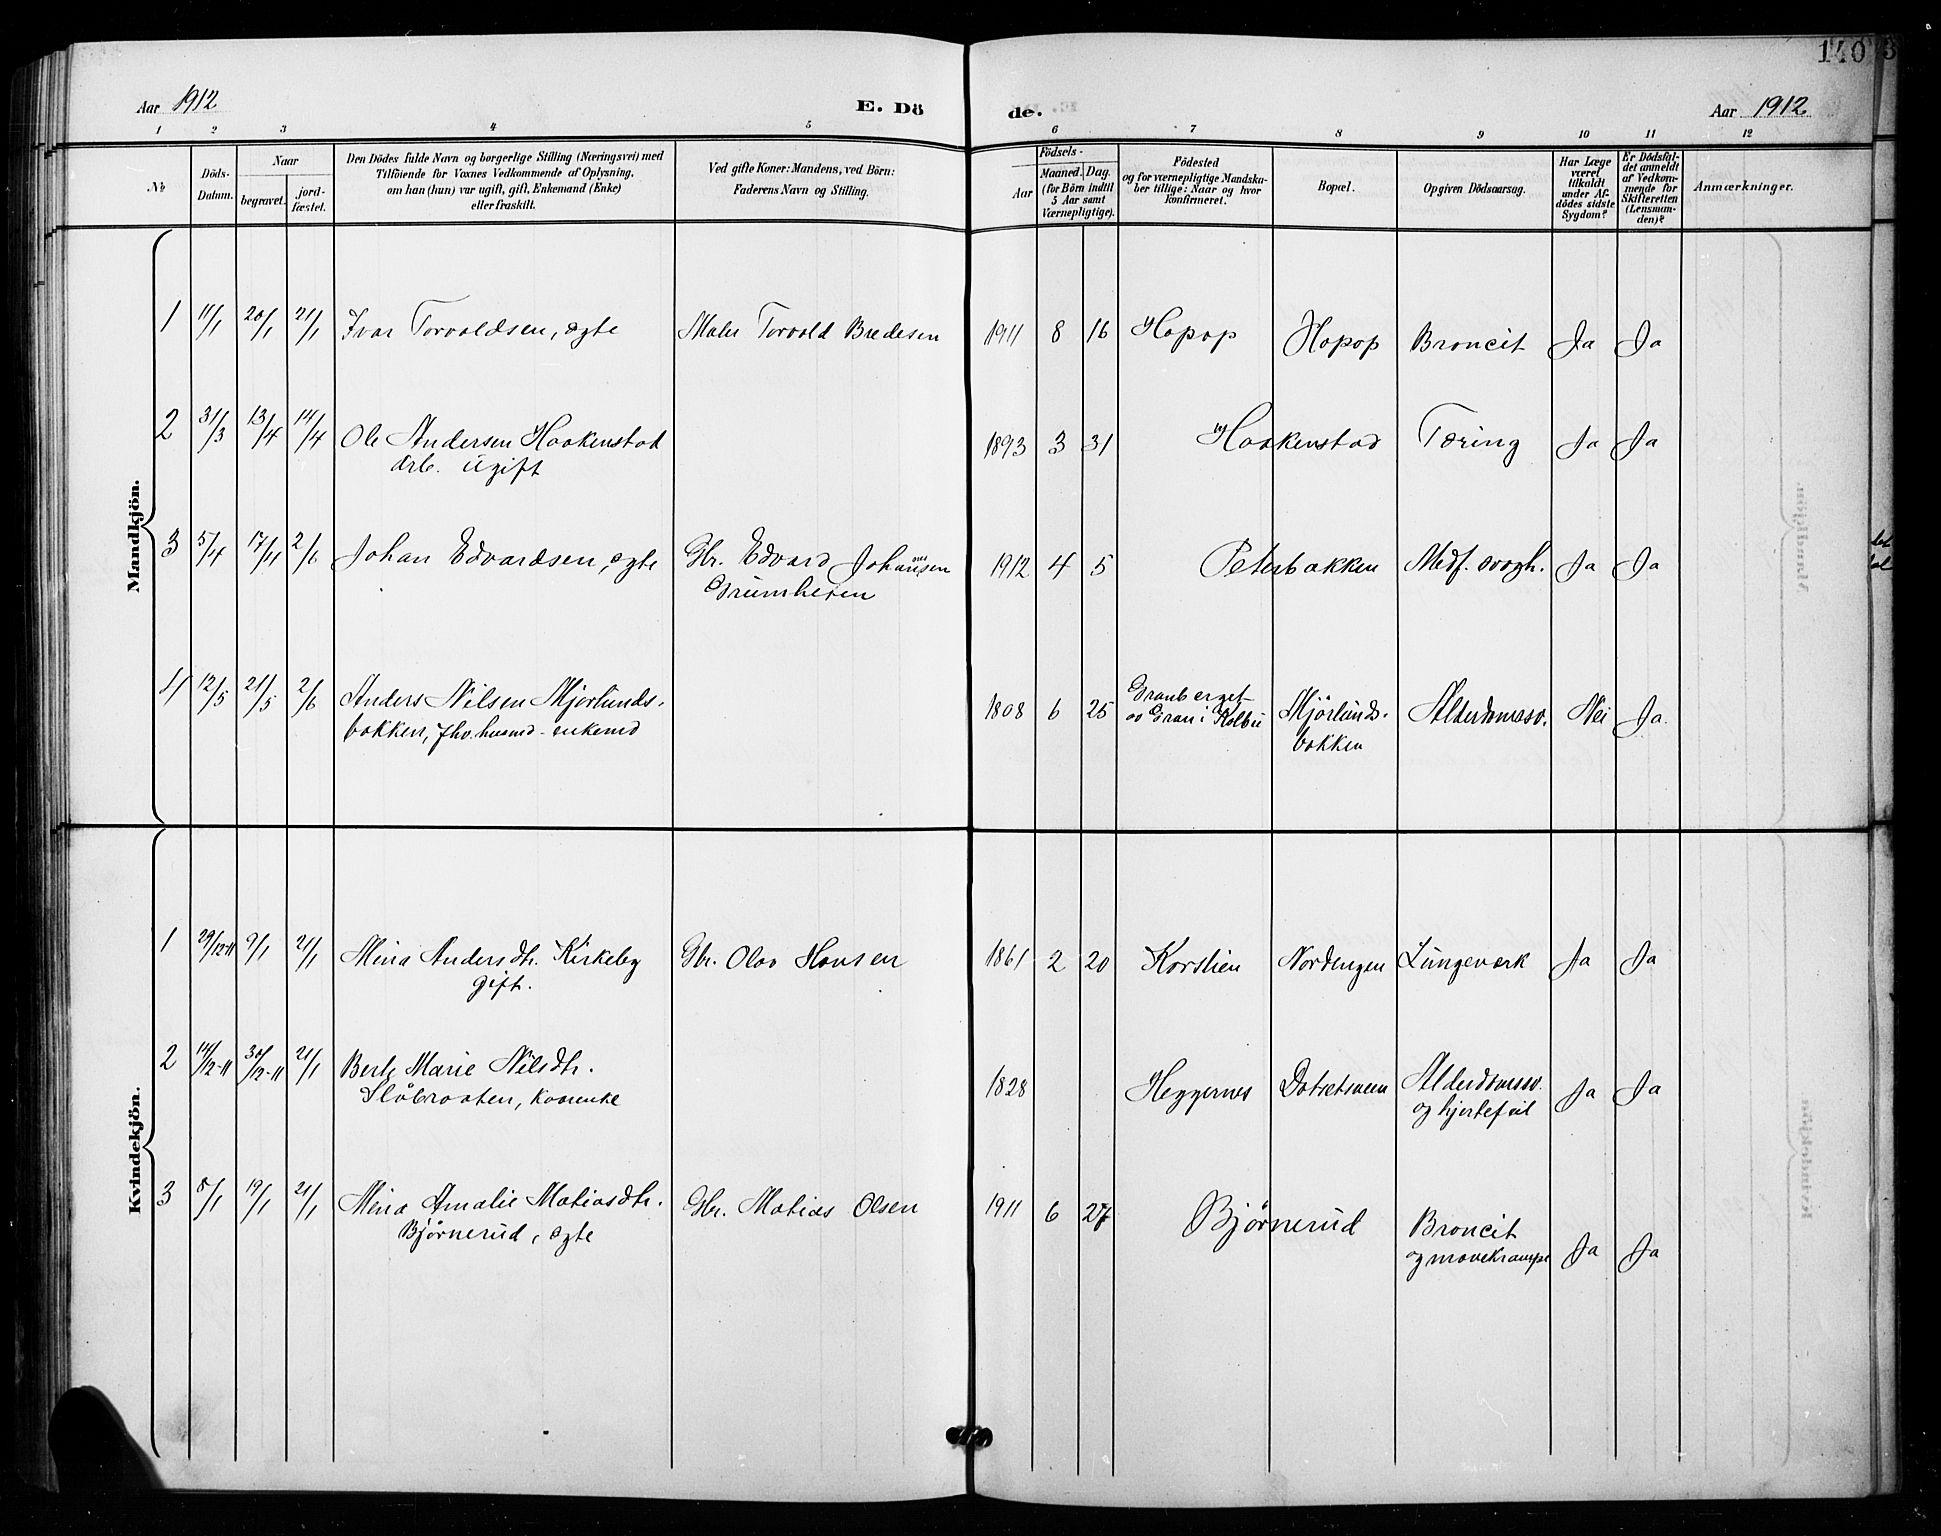 SAH, Vestre Toten prestekontor, Klokkerbok nr. 16, 1901-1915, s. 140